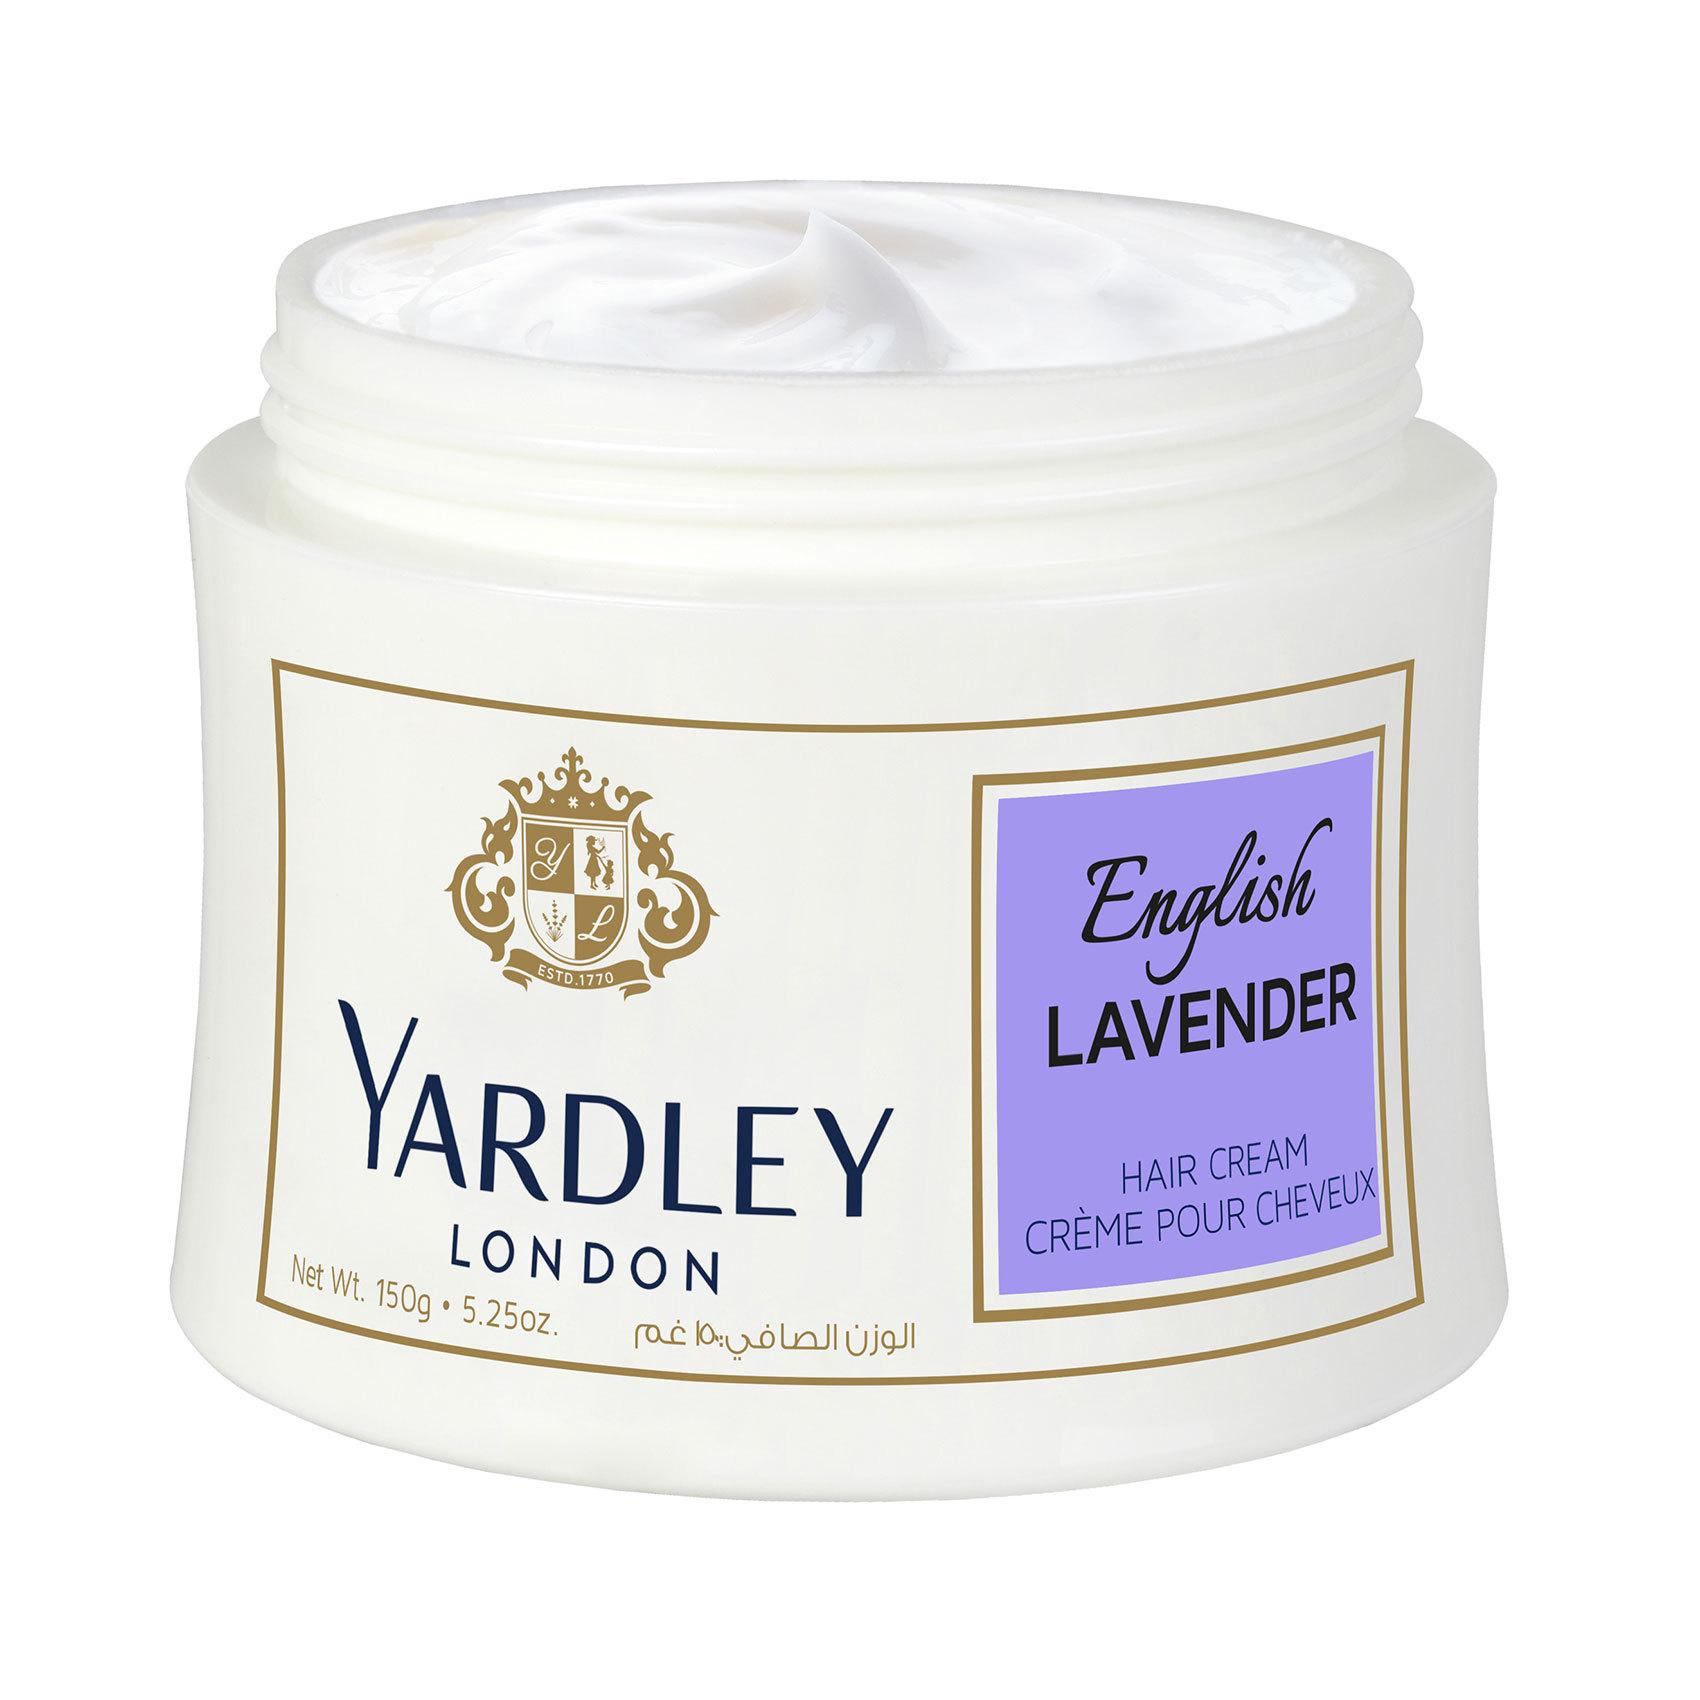 YARDLEY LAVENDER HAIR CREAM 150G